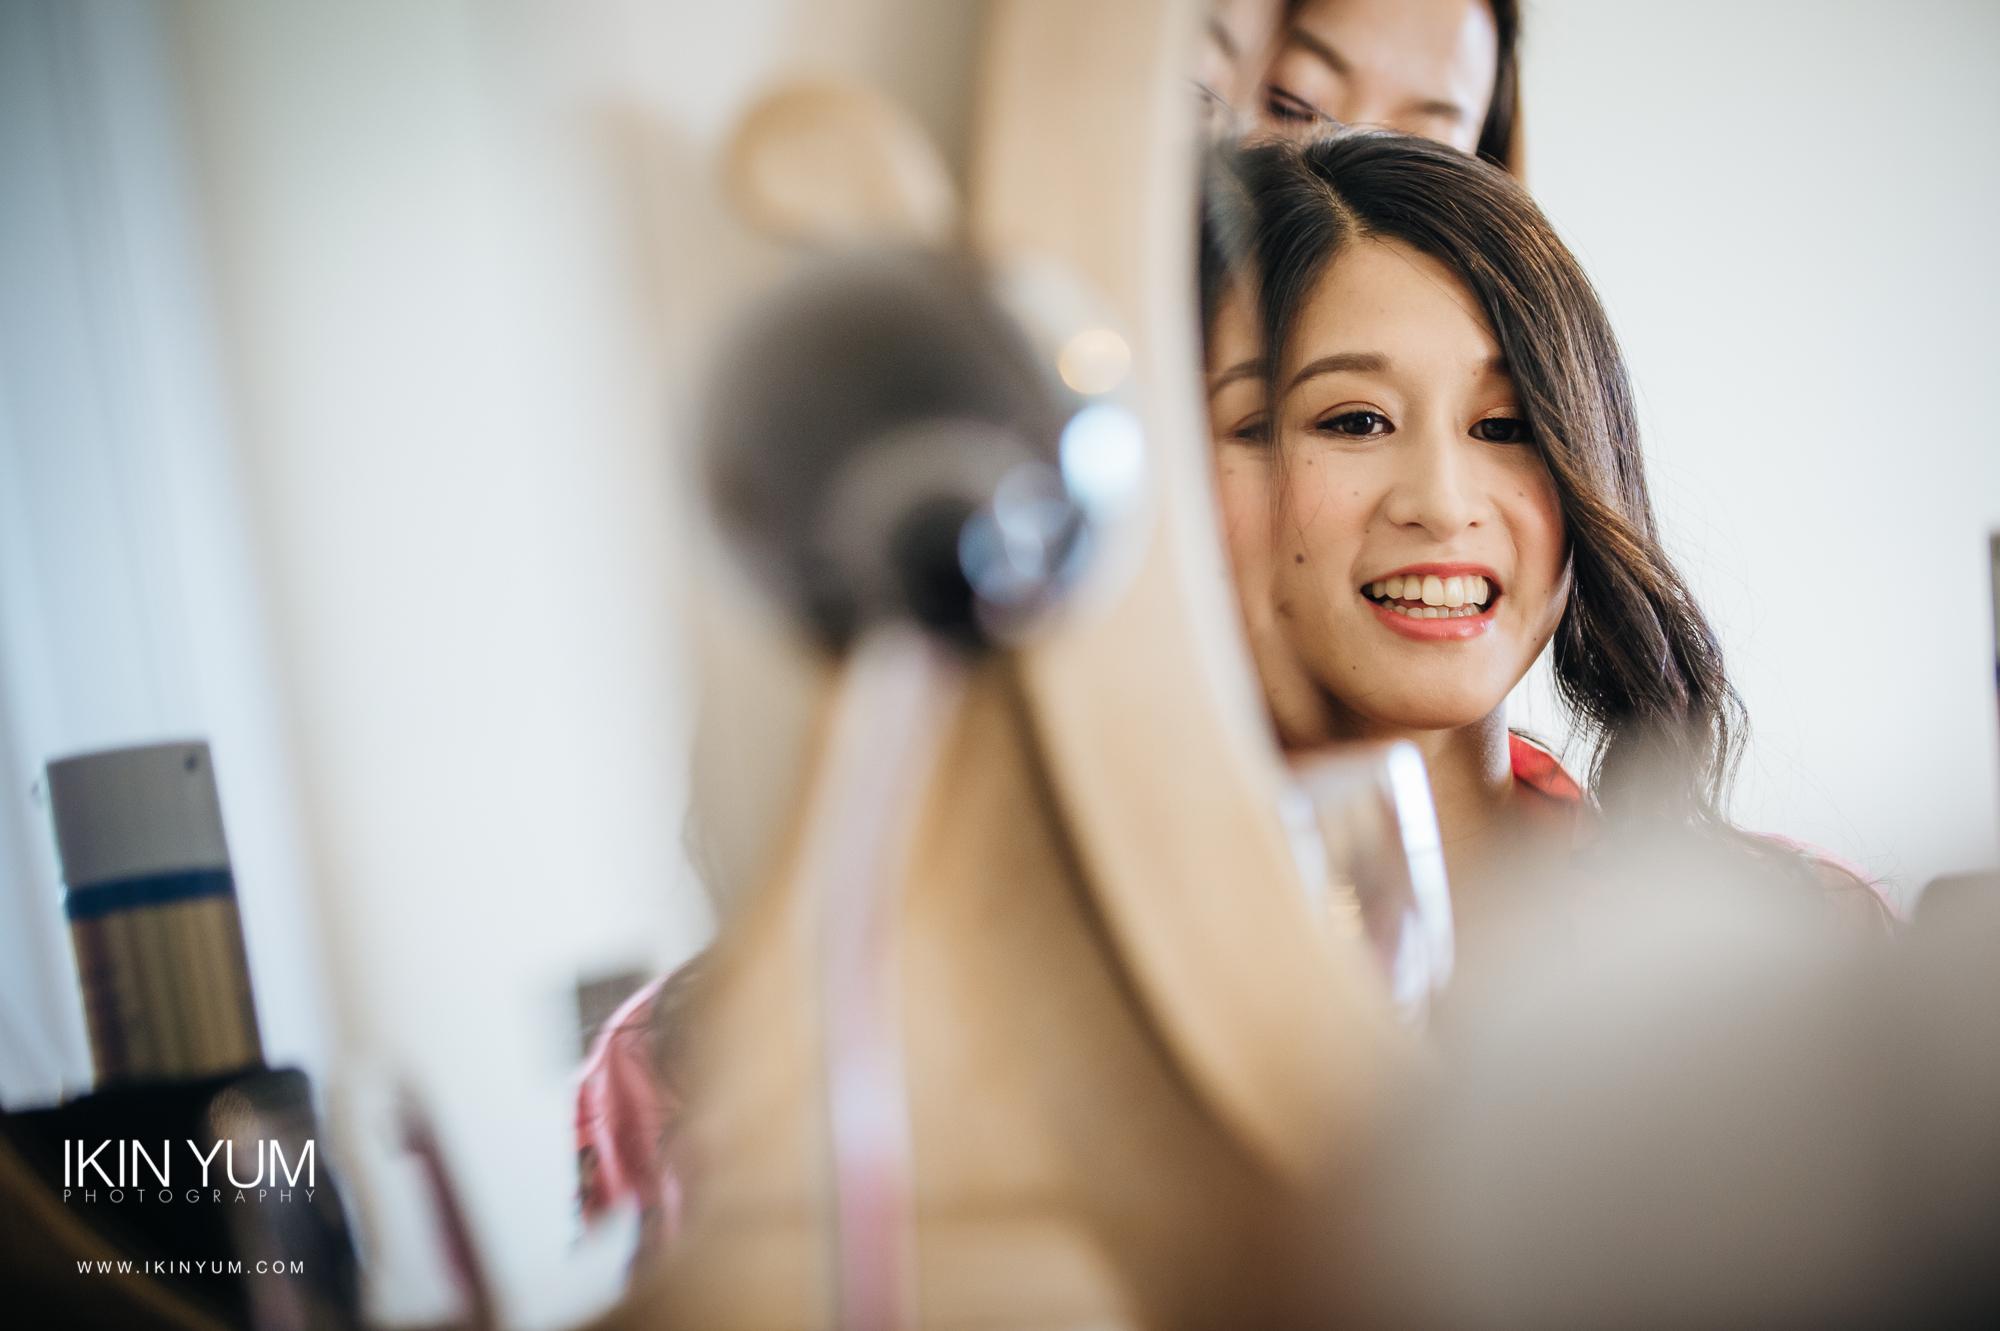 Nicola & Jonny Wedding Day - Ikin Yum Photography-020.jpg